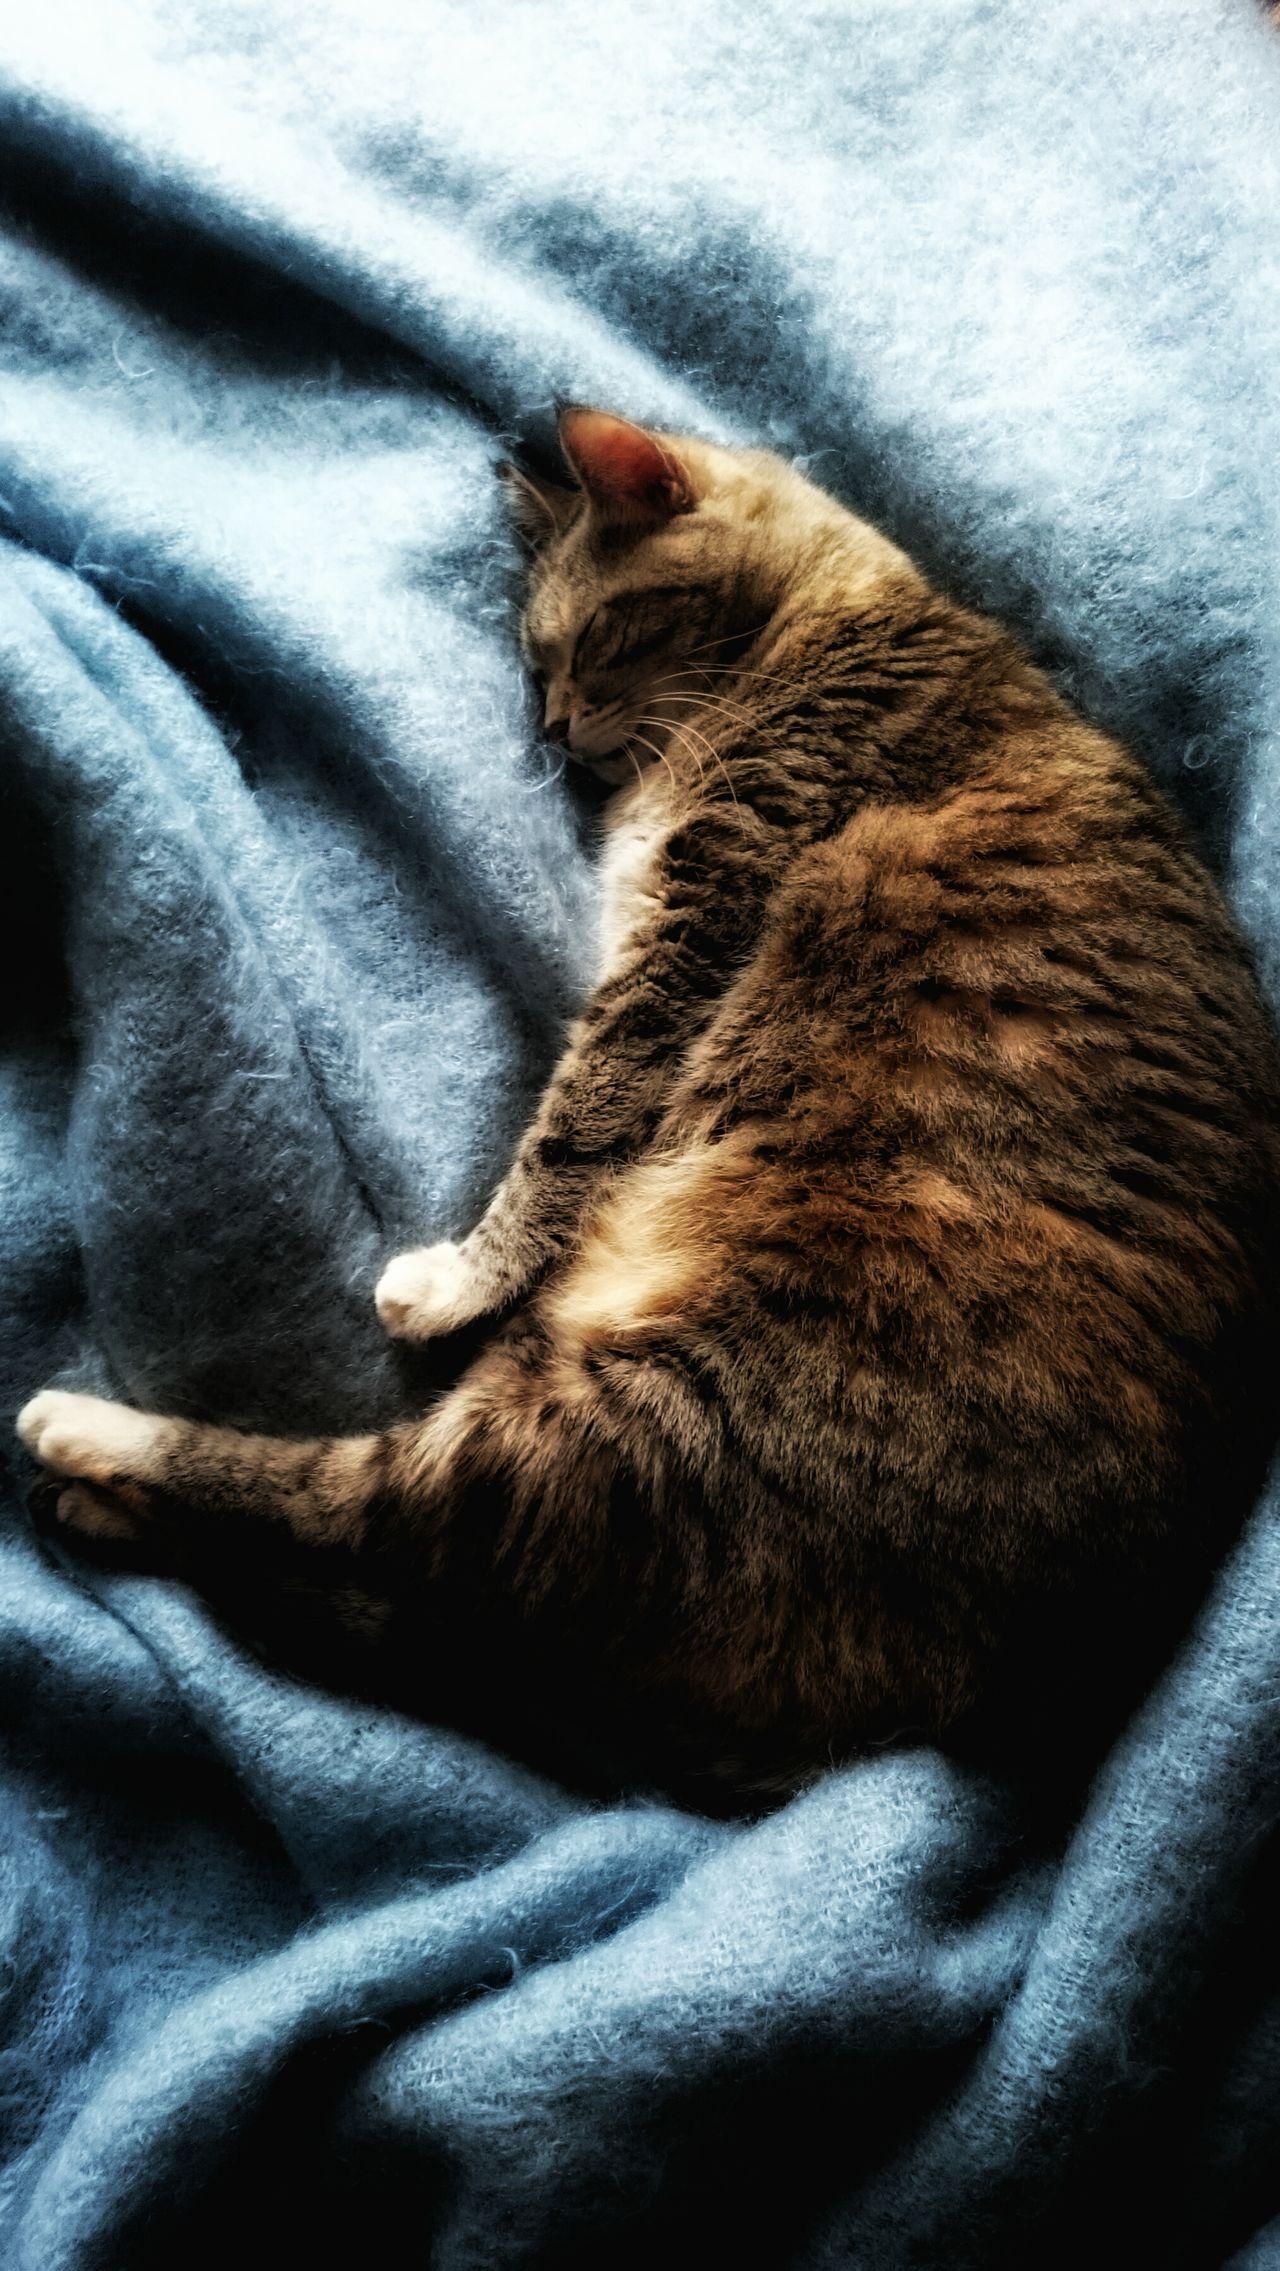 La Vie De Chat Au Pays Des Reves Ma Sacha bientôt 16 ans The Cat Dream Enjoying Life Detente ! Lovely Blue Wave My Year My View